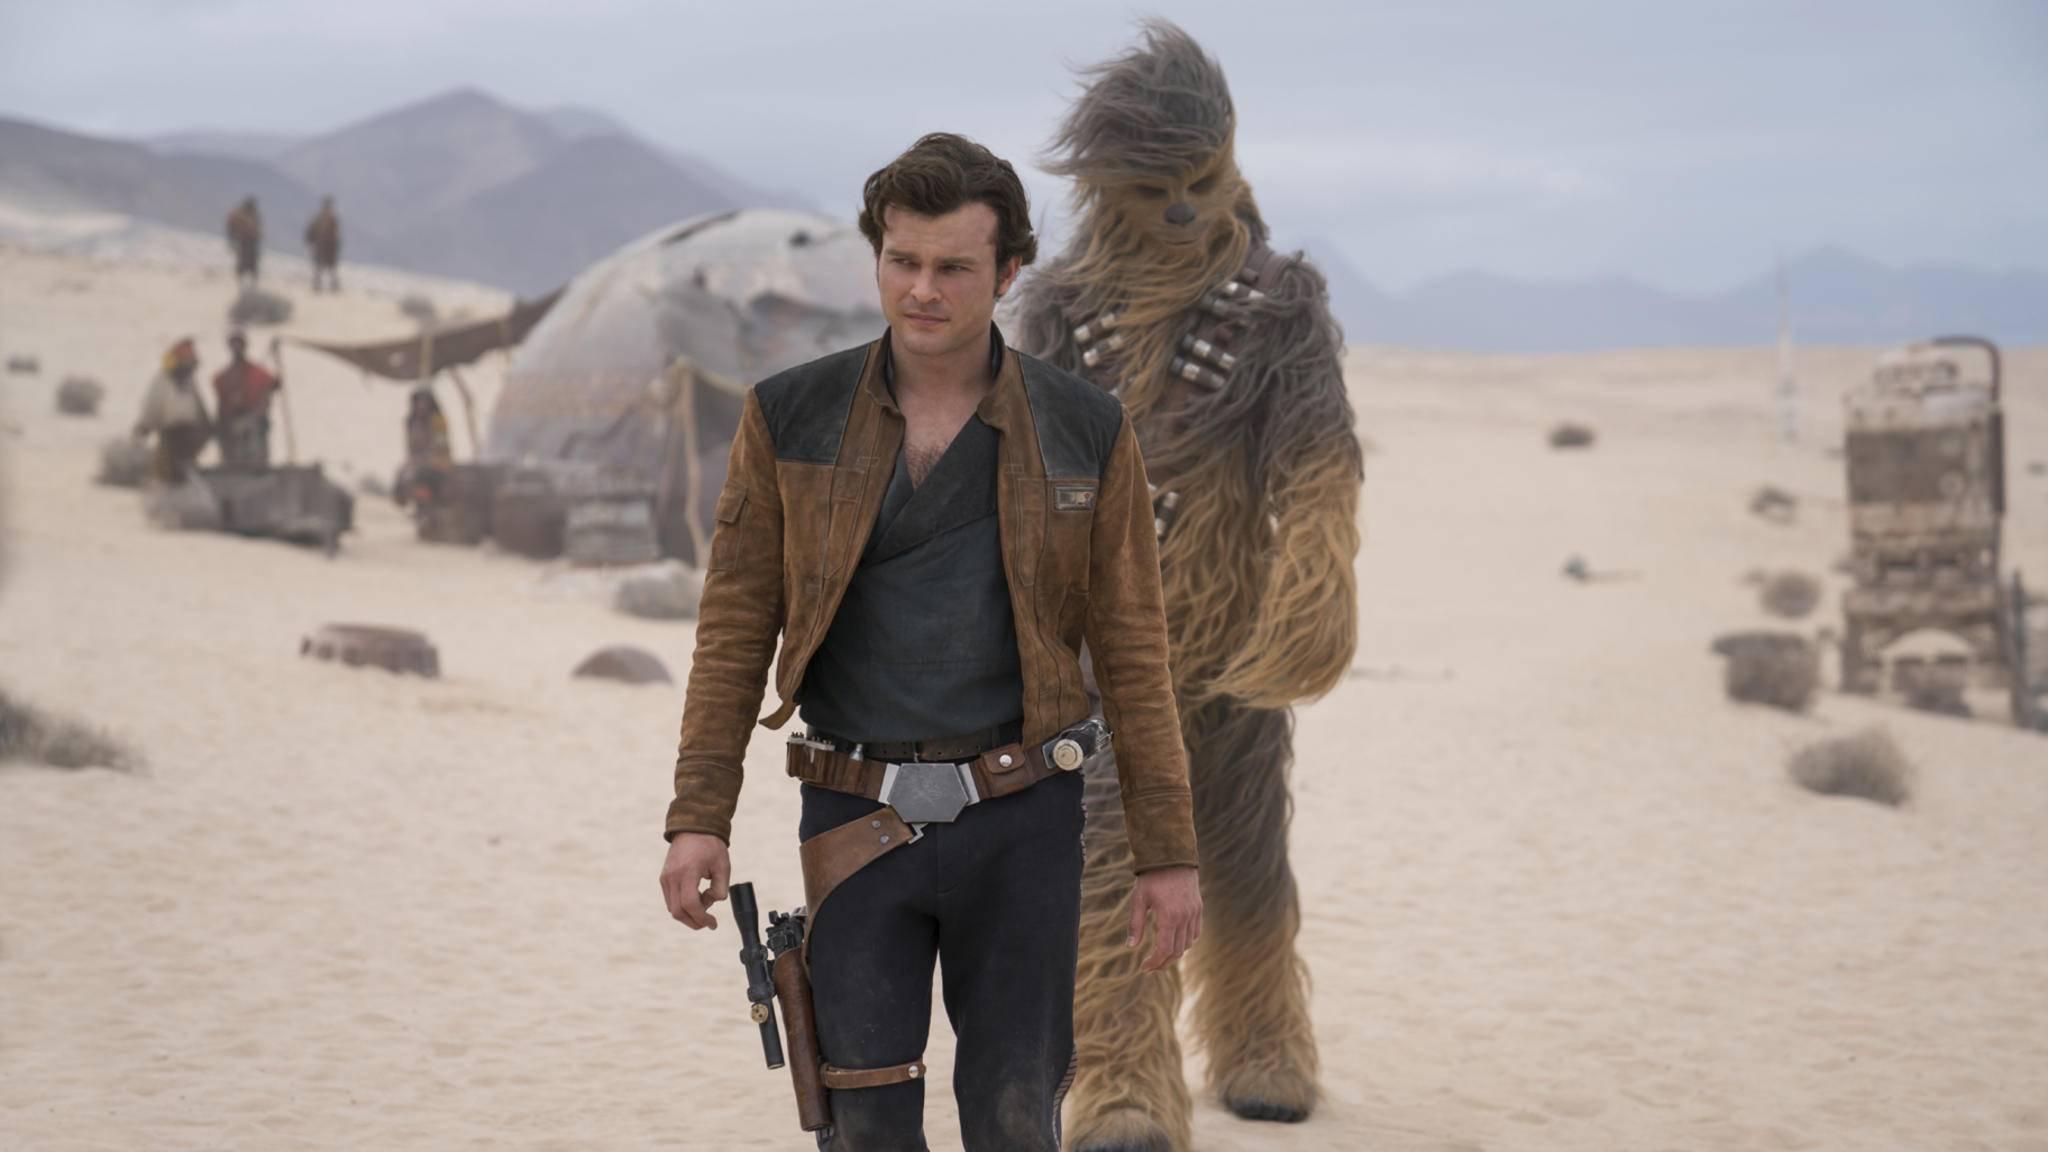 """Ab dem 24. Mai zeigt """"Solo: A Star Wars Story"""" im Kino, wie sich Han Solo und Chewbacca kennengelernt haben."""